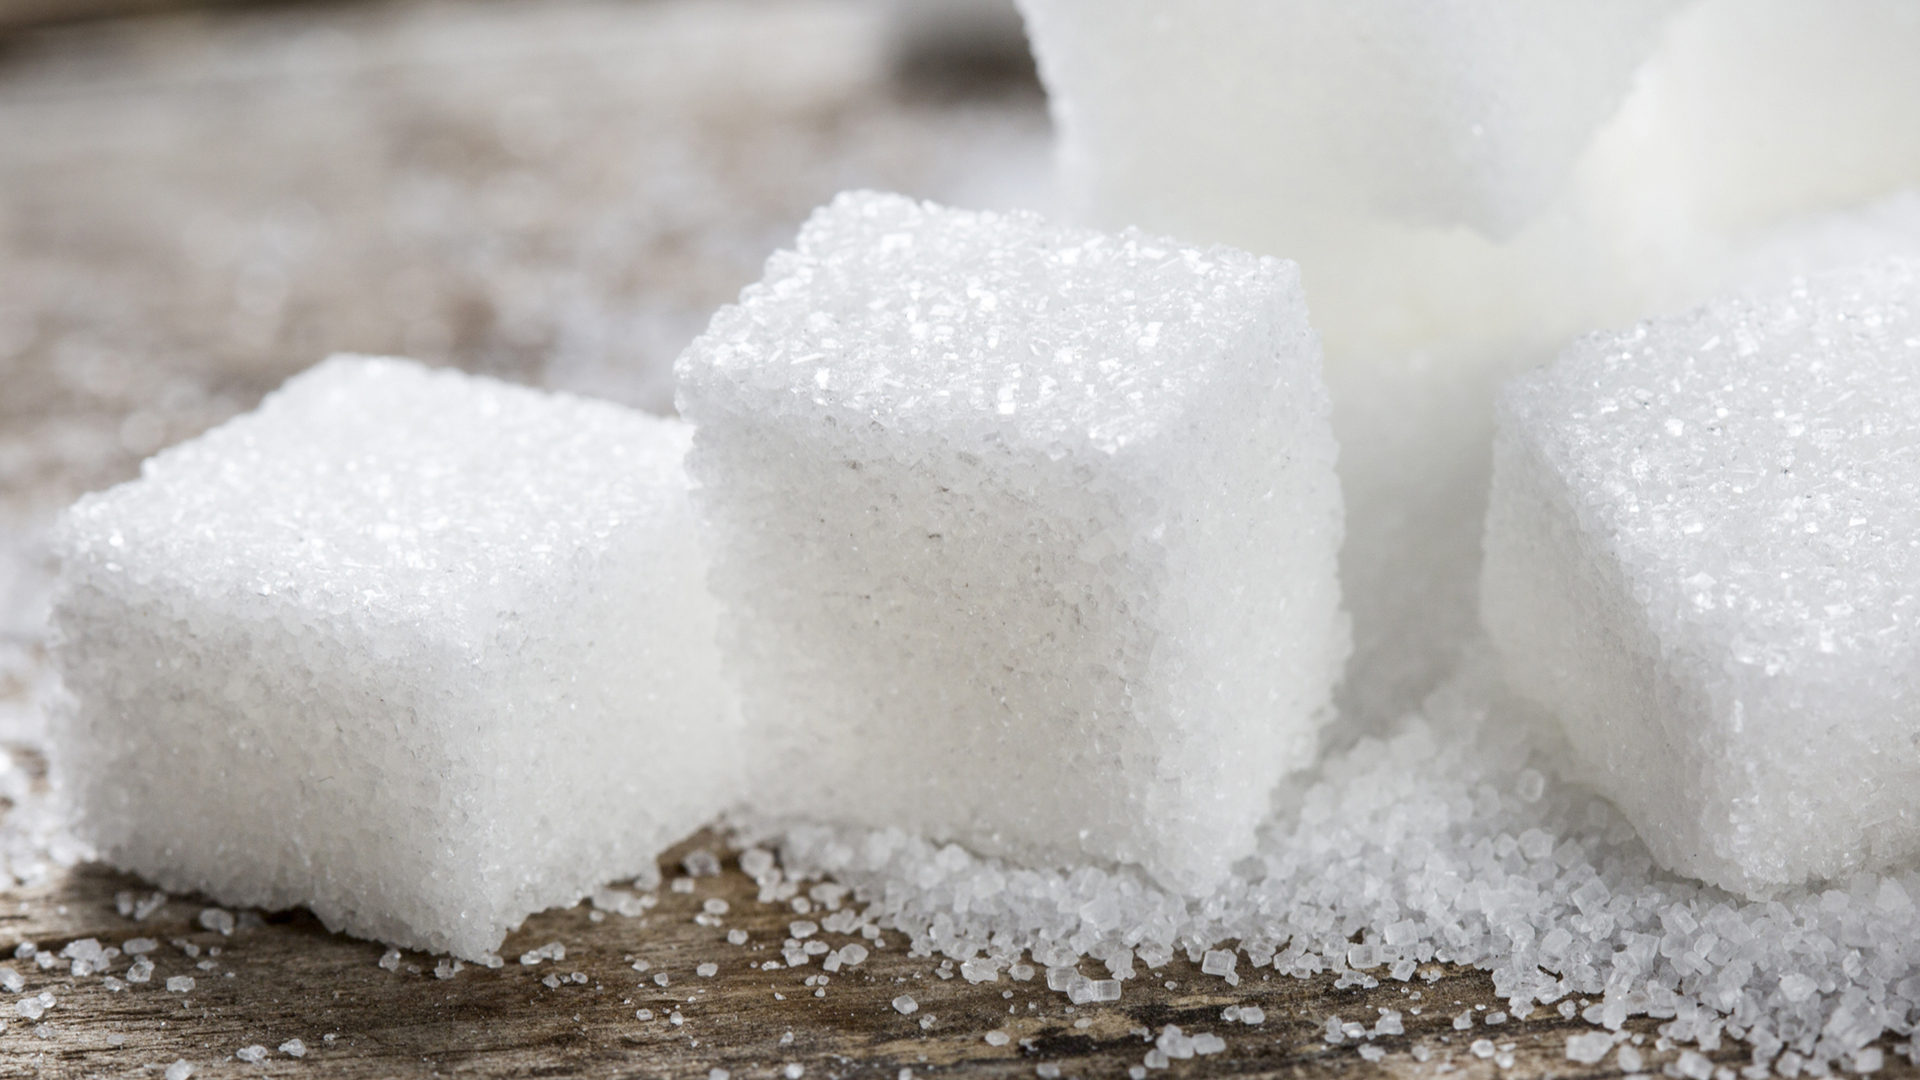 Glykeeminen indeksi kertoo hiilihydraattien vaikutuksesta verensokeriin